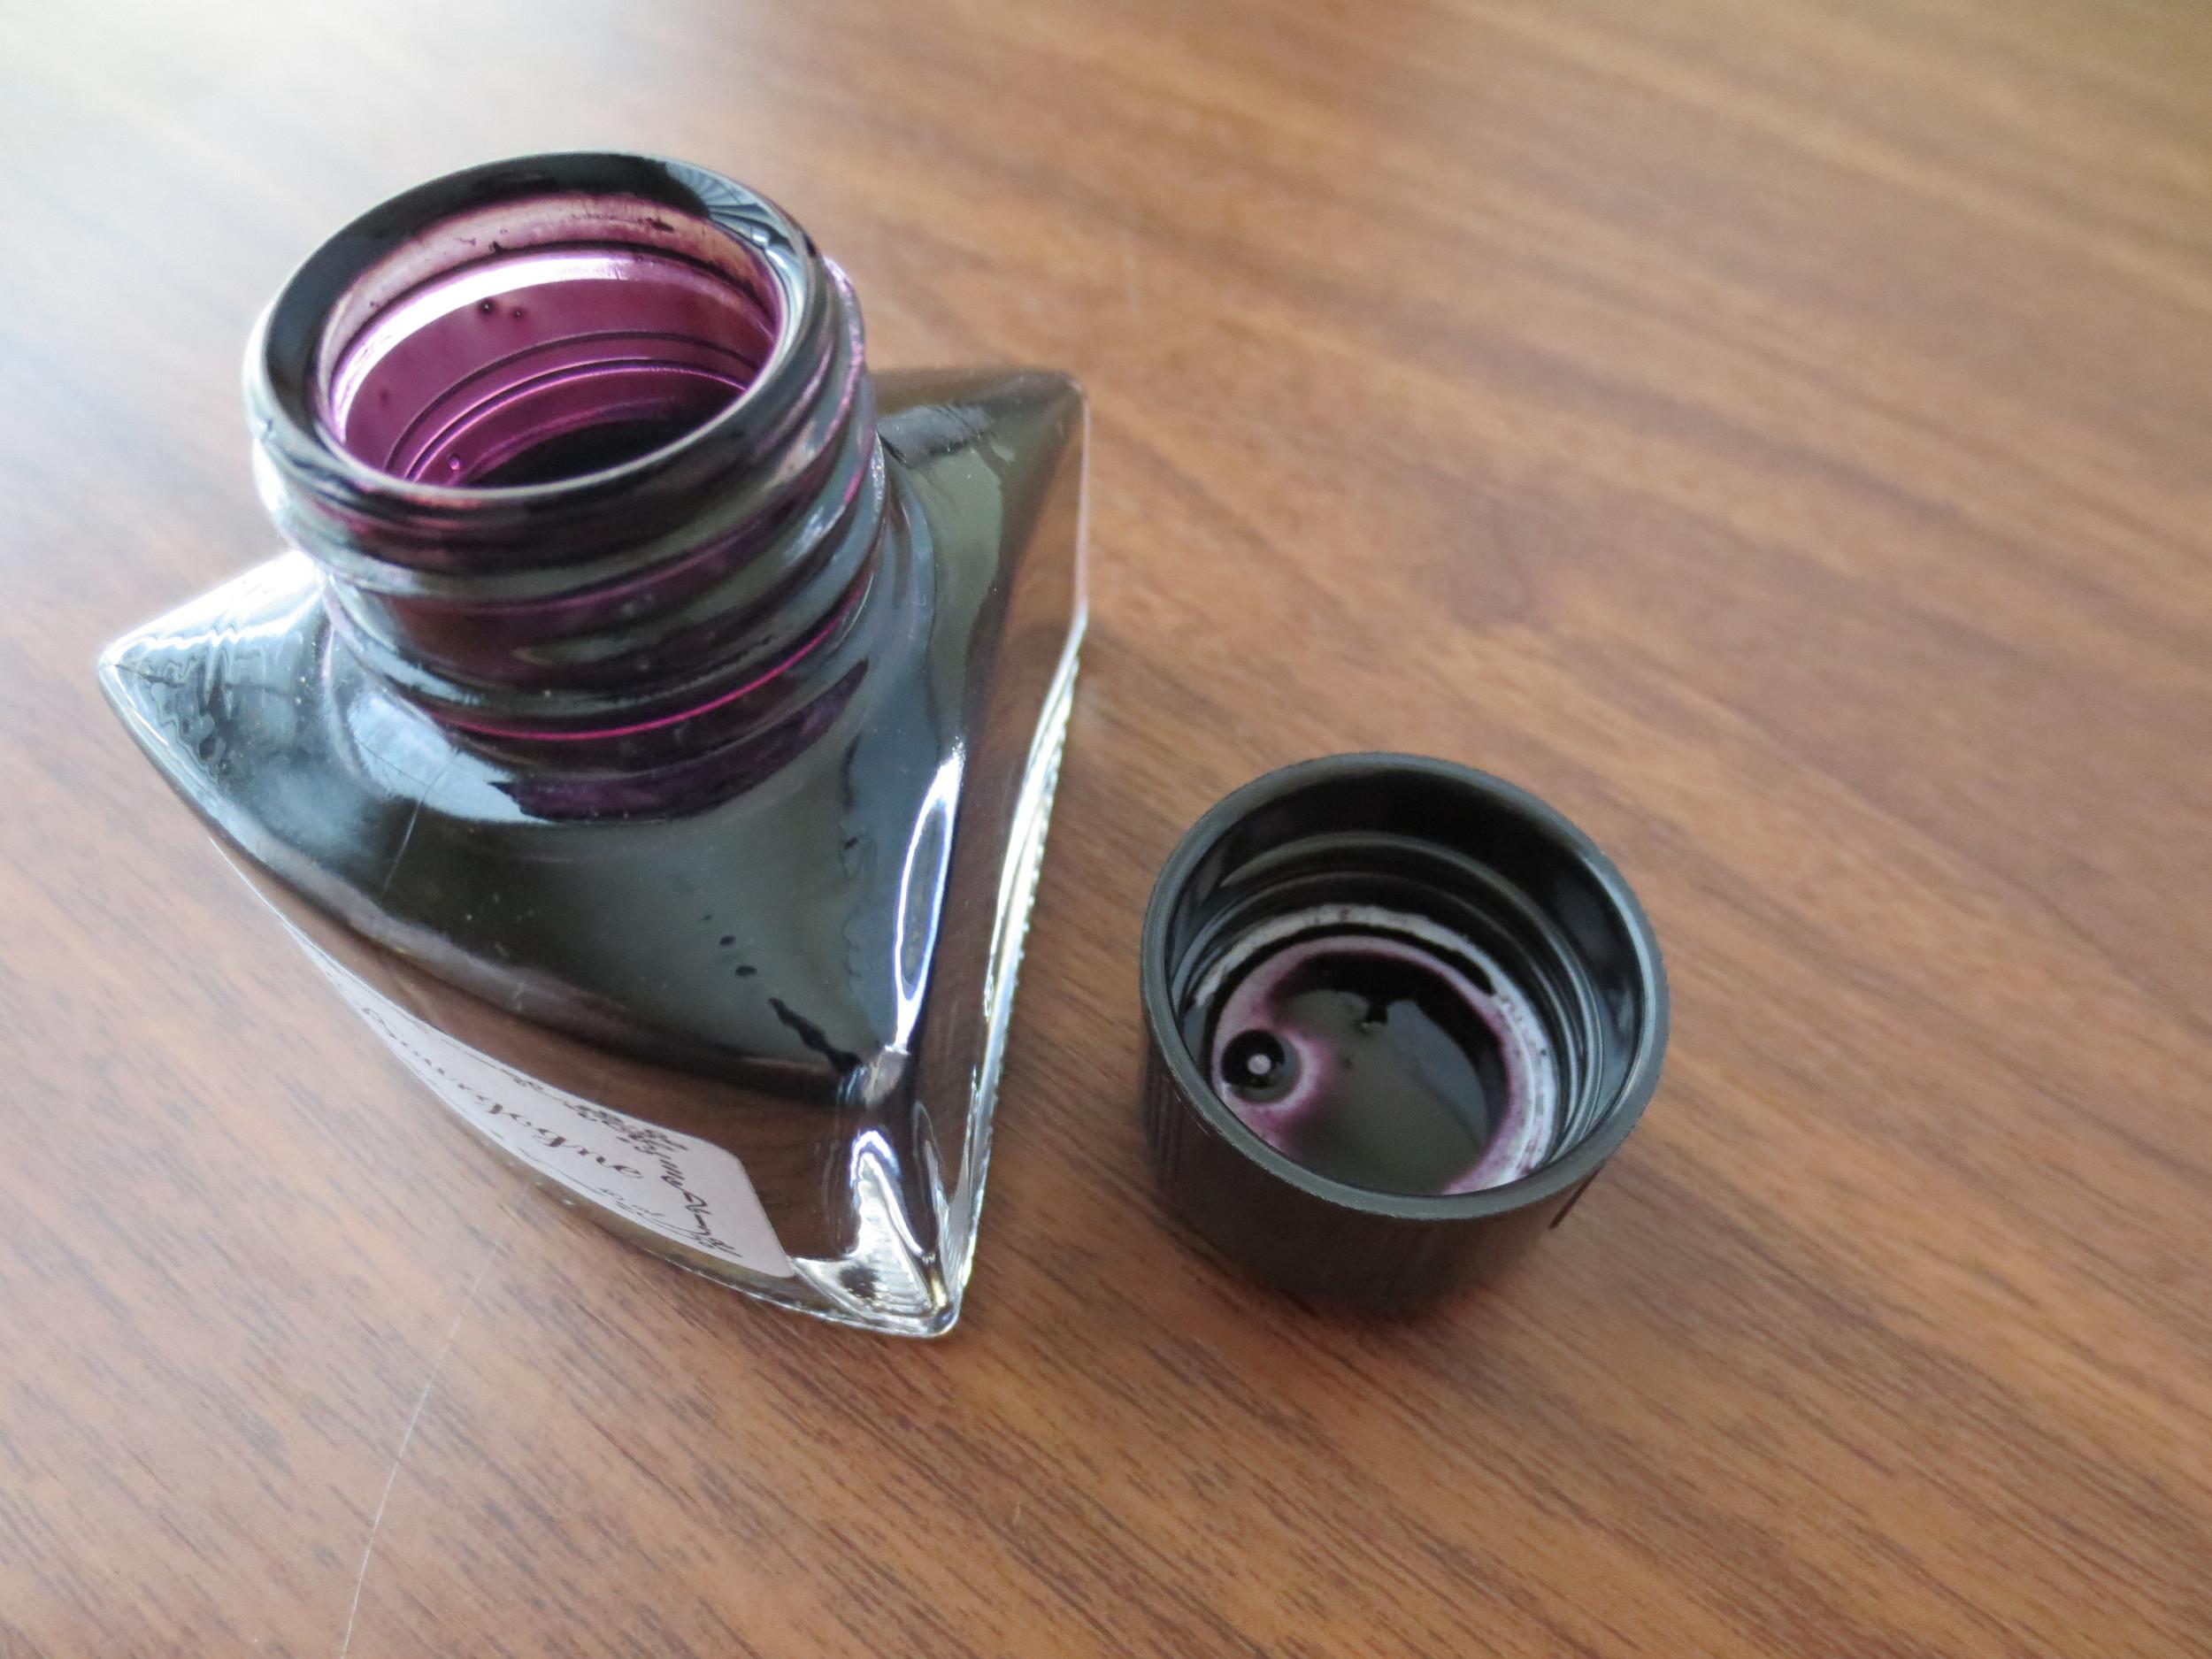 Callifolio Bourgogne Cap Shot